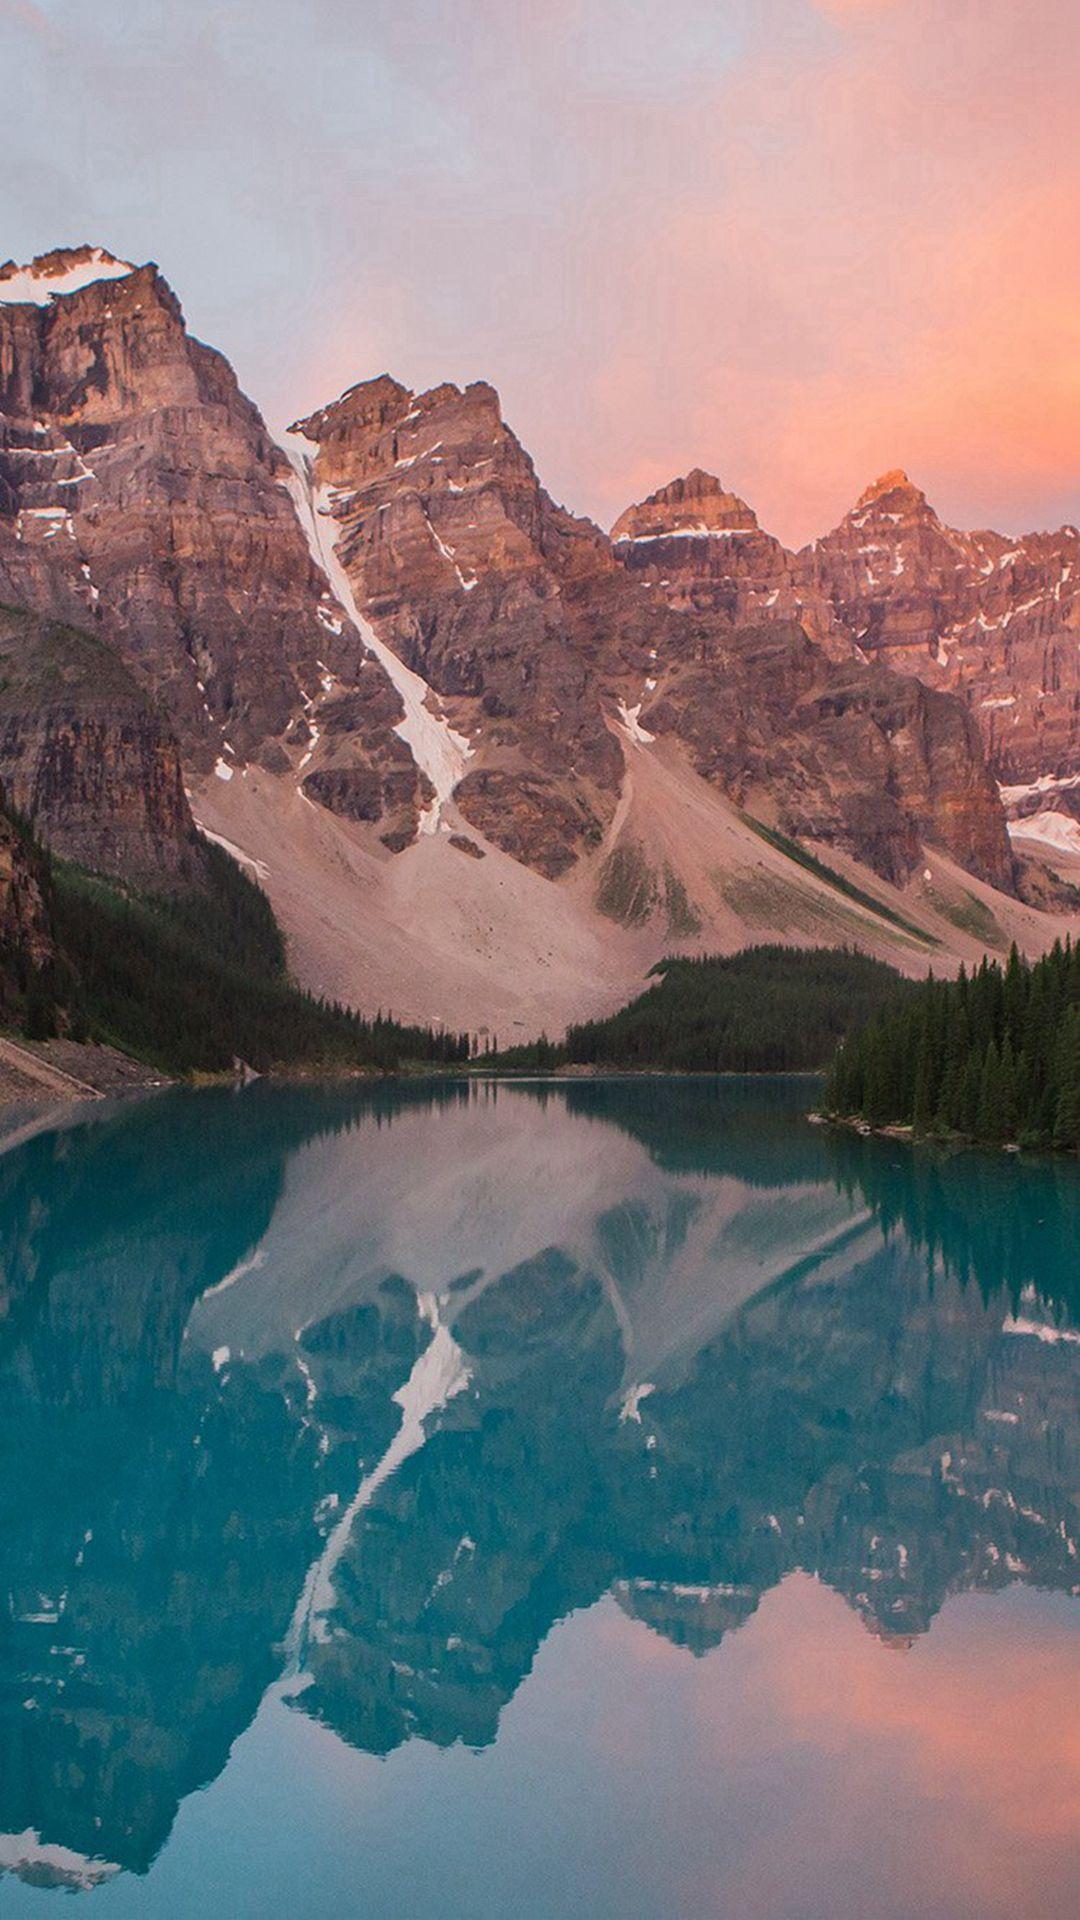 Lake Mountain Pink Sunset Nature IPhone 6 Wallpaper